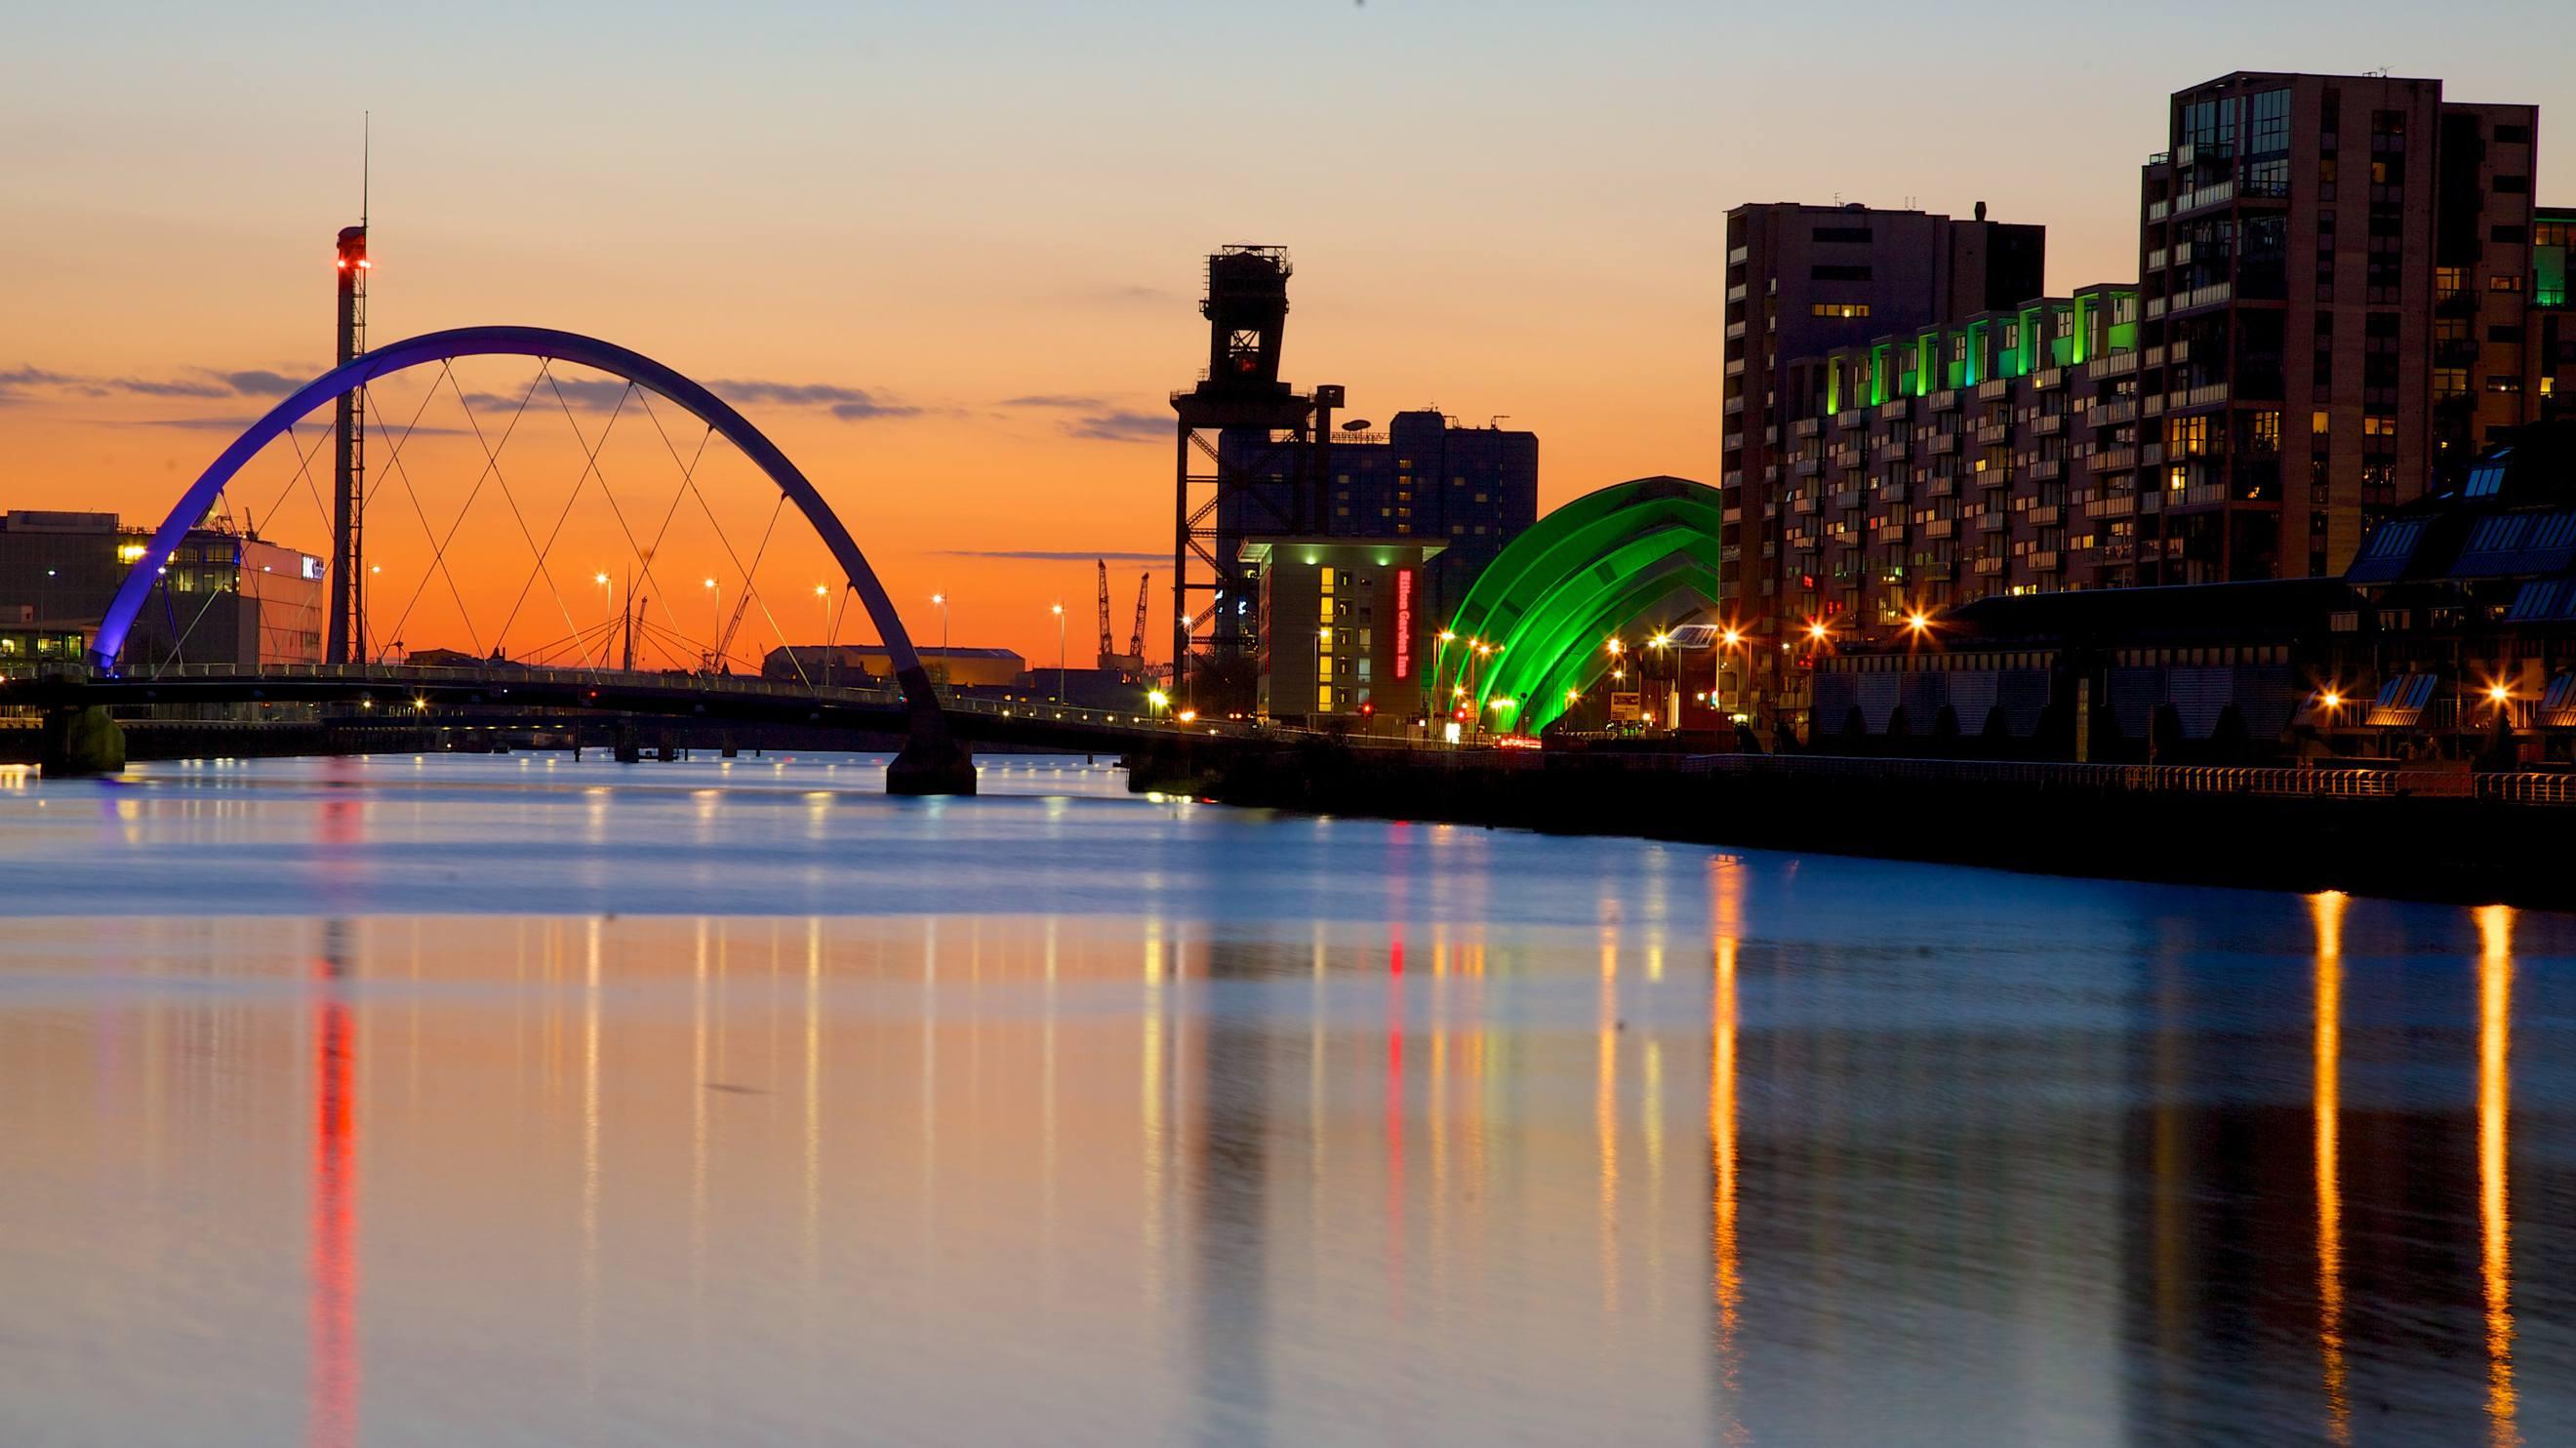 Hotel Greater Glasgow günstig buchen | Hotels Expedia.de